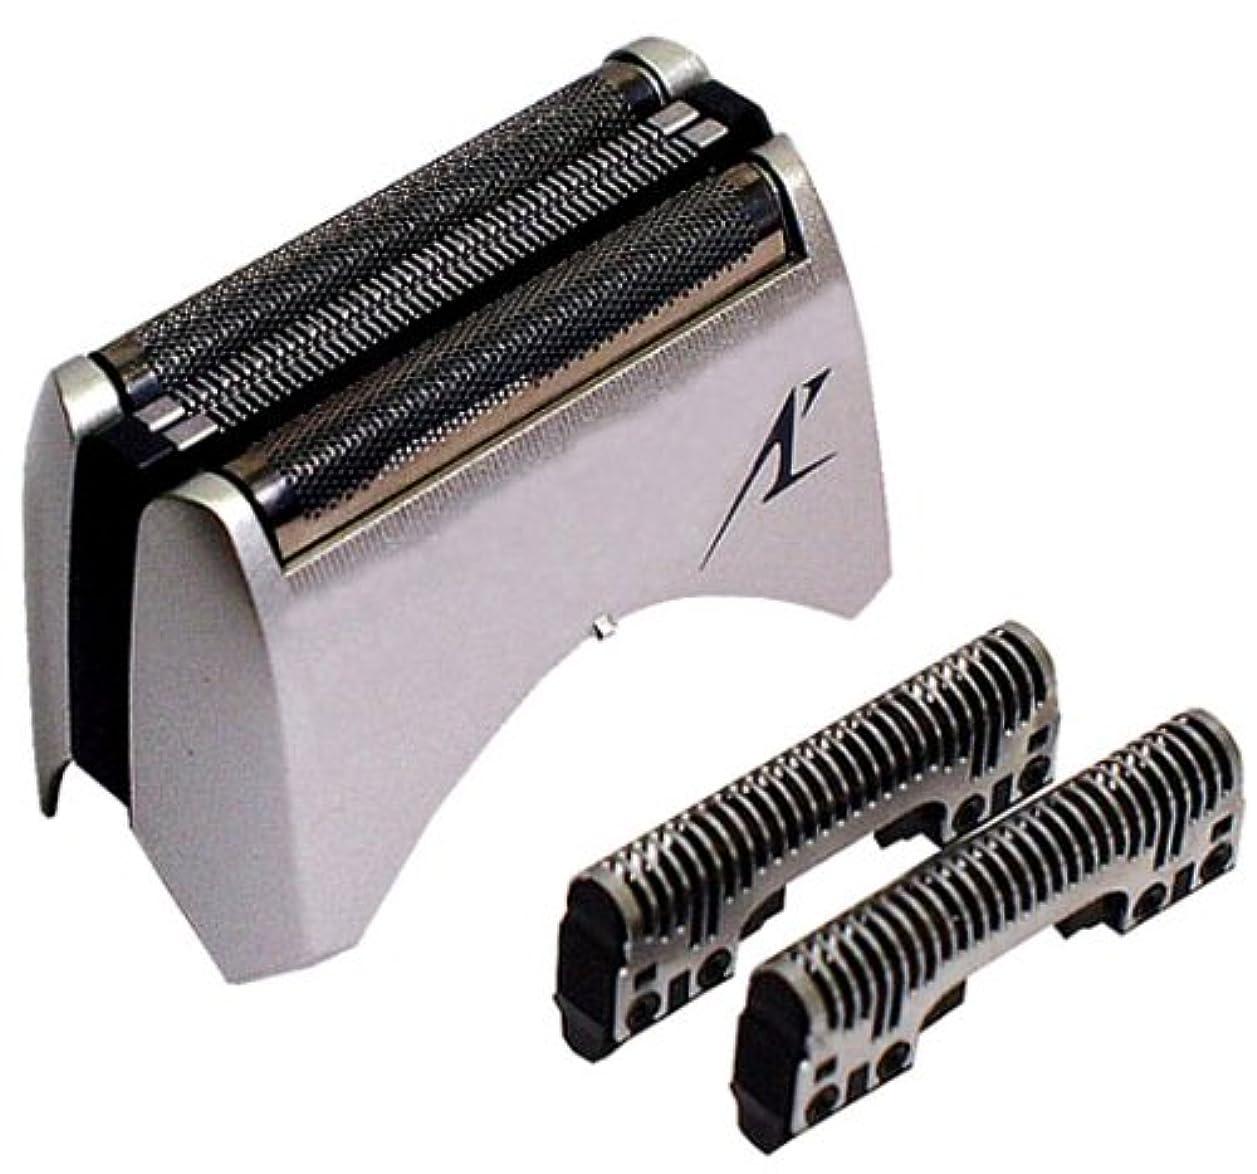 限られたピアノ魅力的であることへのアピールパナソニック 替刃 メンズシェーバー用 セット刃 ES9006